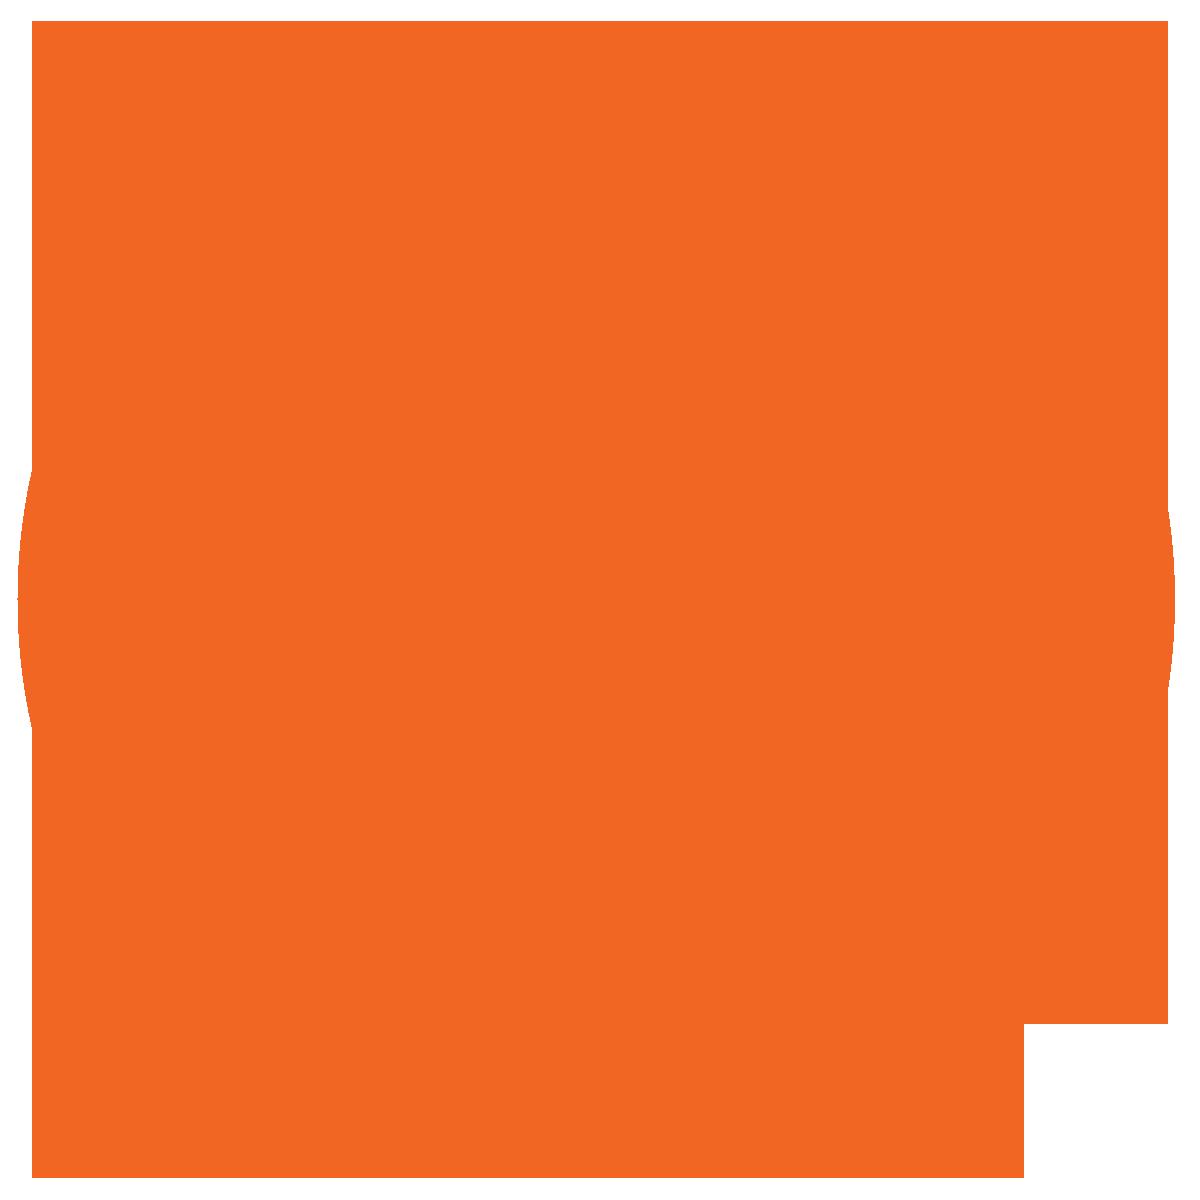 橙色背景上的核符号